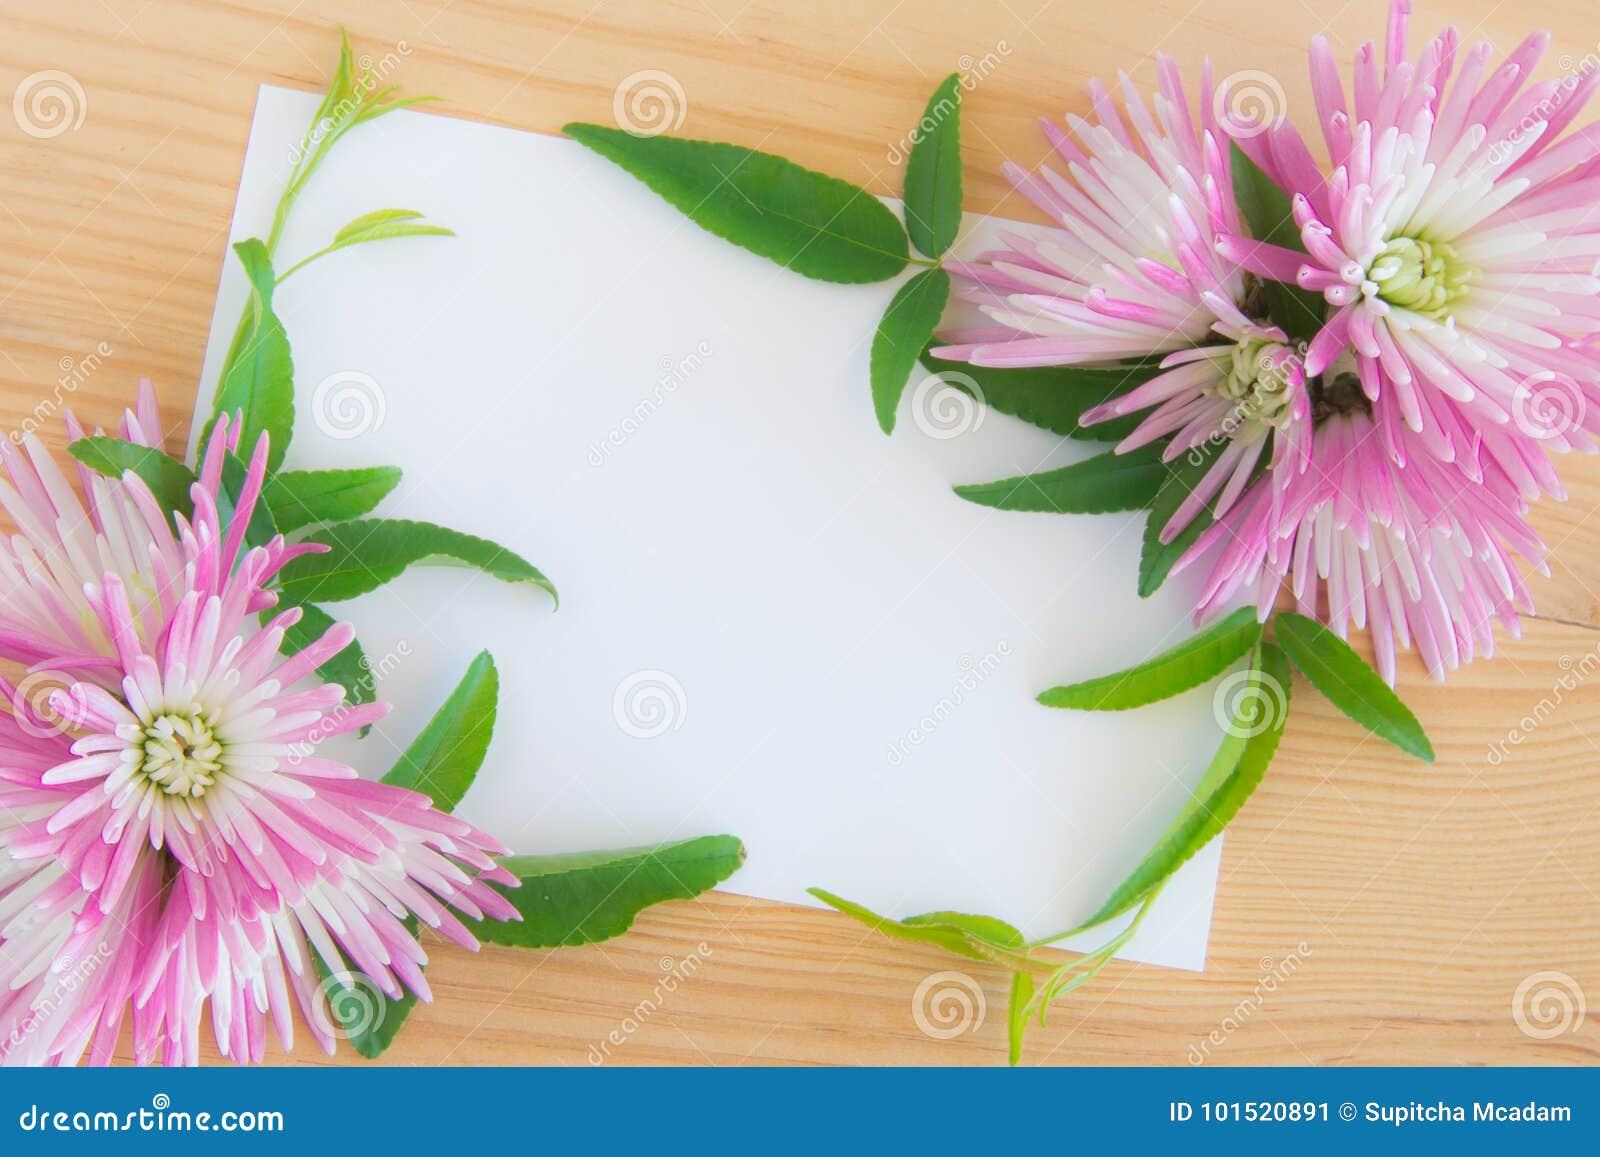 Lege witte groetkaart met roze cherysanthemum